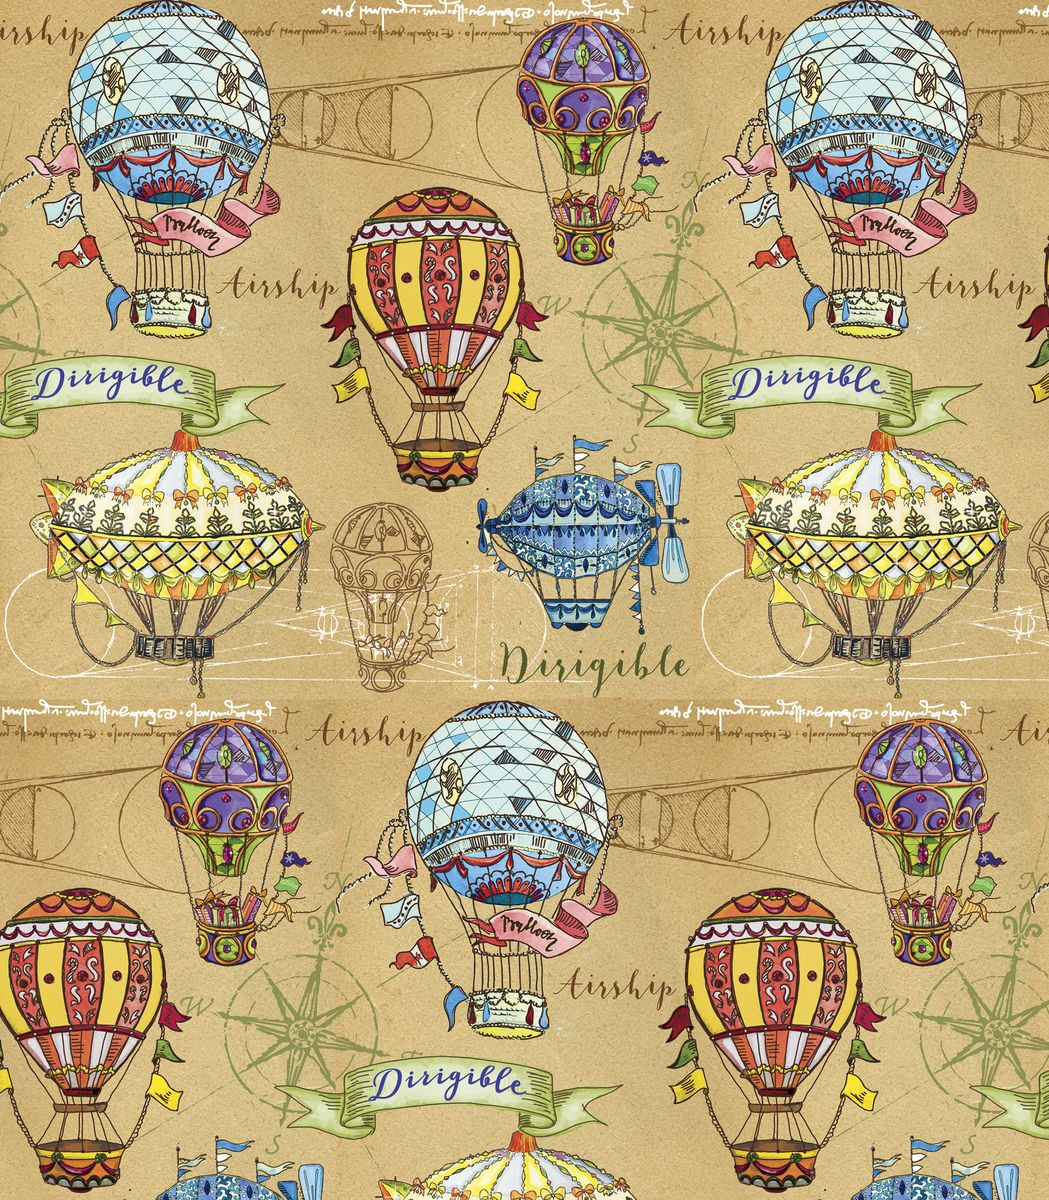 """Крафт бумага для сувенирной продукции """"Воздушные шары"""" от """"Magic Time"""" - это стильный и практичный вариант упаковки подарка. Авторский дизайн, красочное изображение, тематический рисунок - все слагаемые оригинального оформления подарка. Окружите близких людей вниманием и заботой, эффектно вручив презент в нарядном, праздничном оформлении. Размер: 100 х 70 см."""